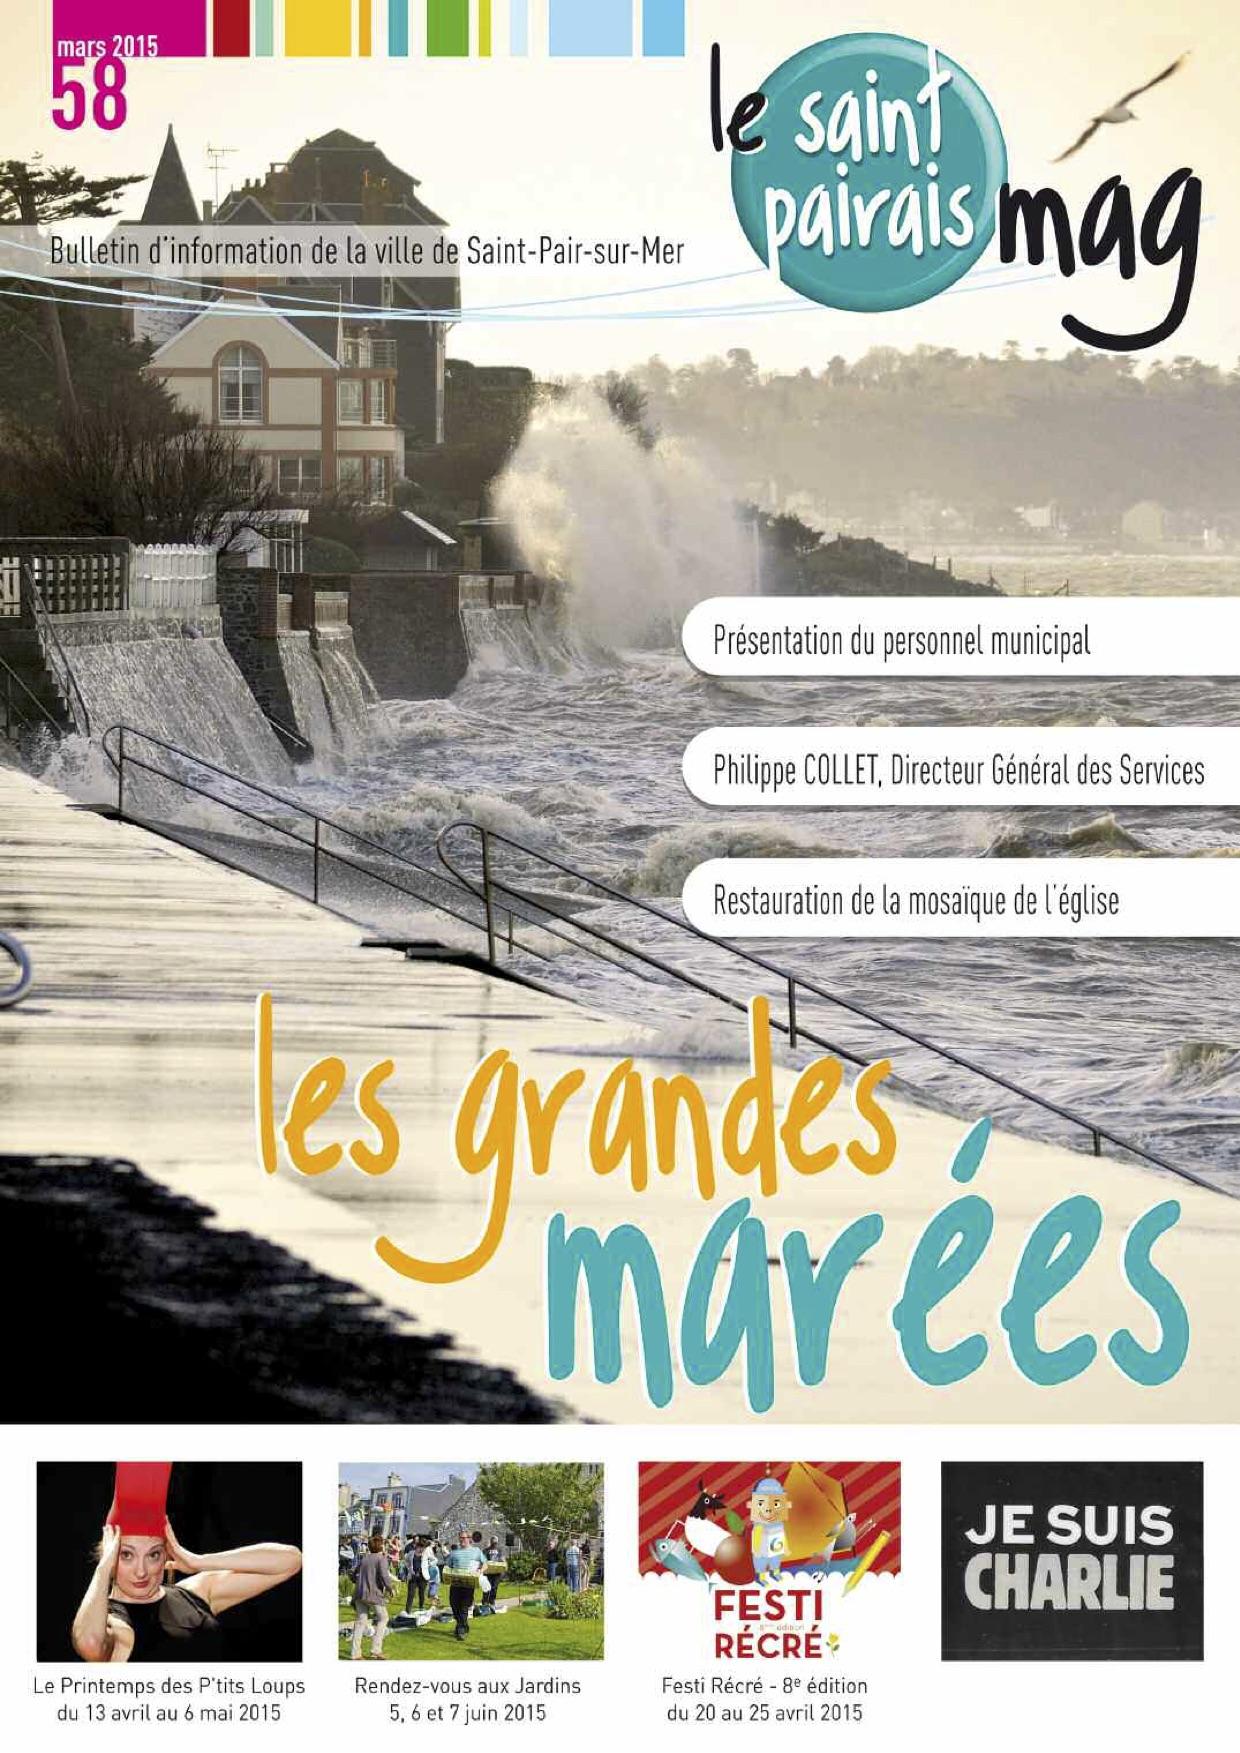 Saint Pairais Mag n°58